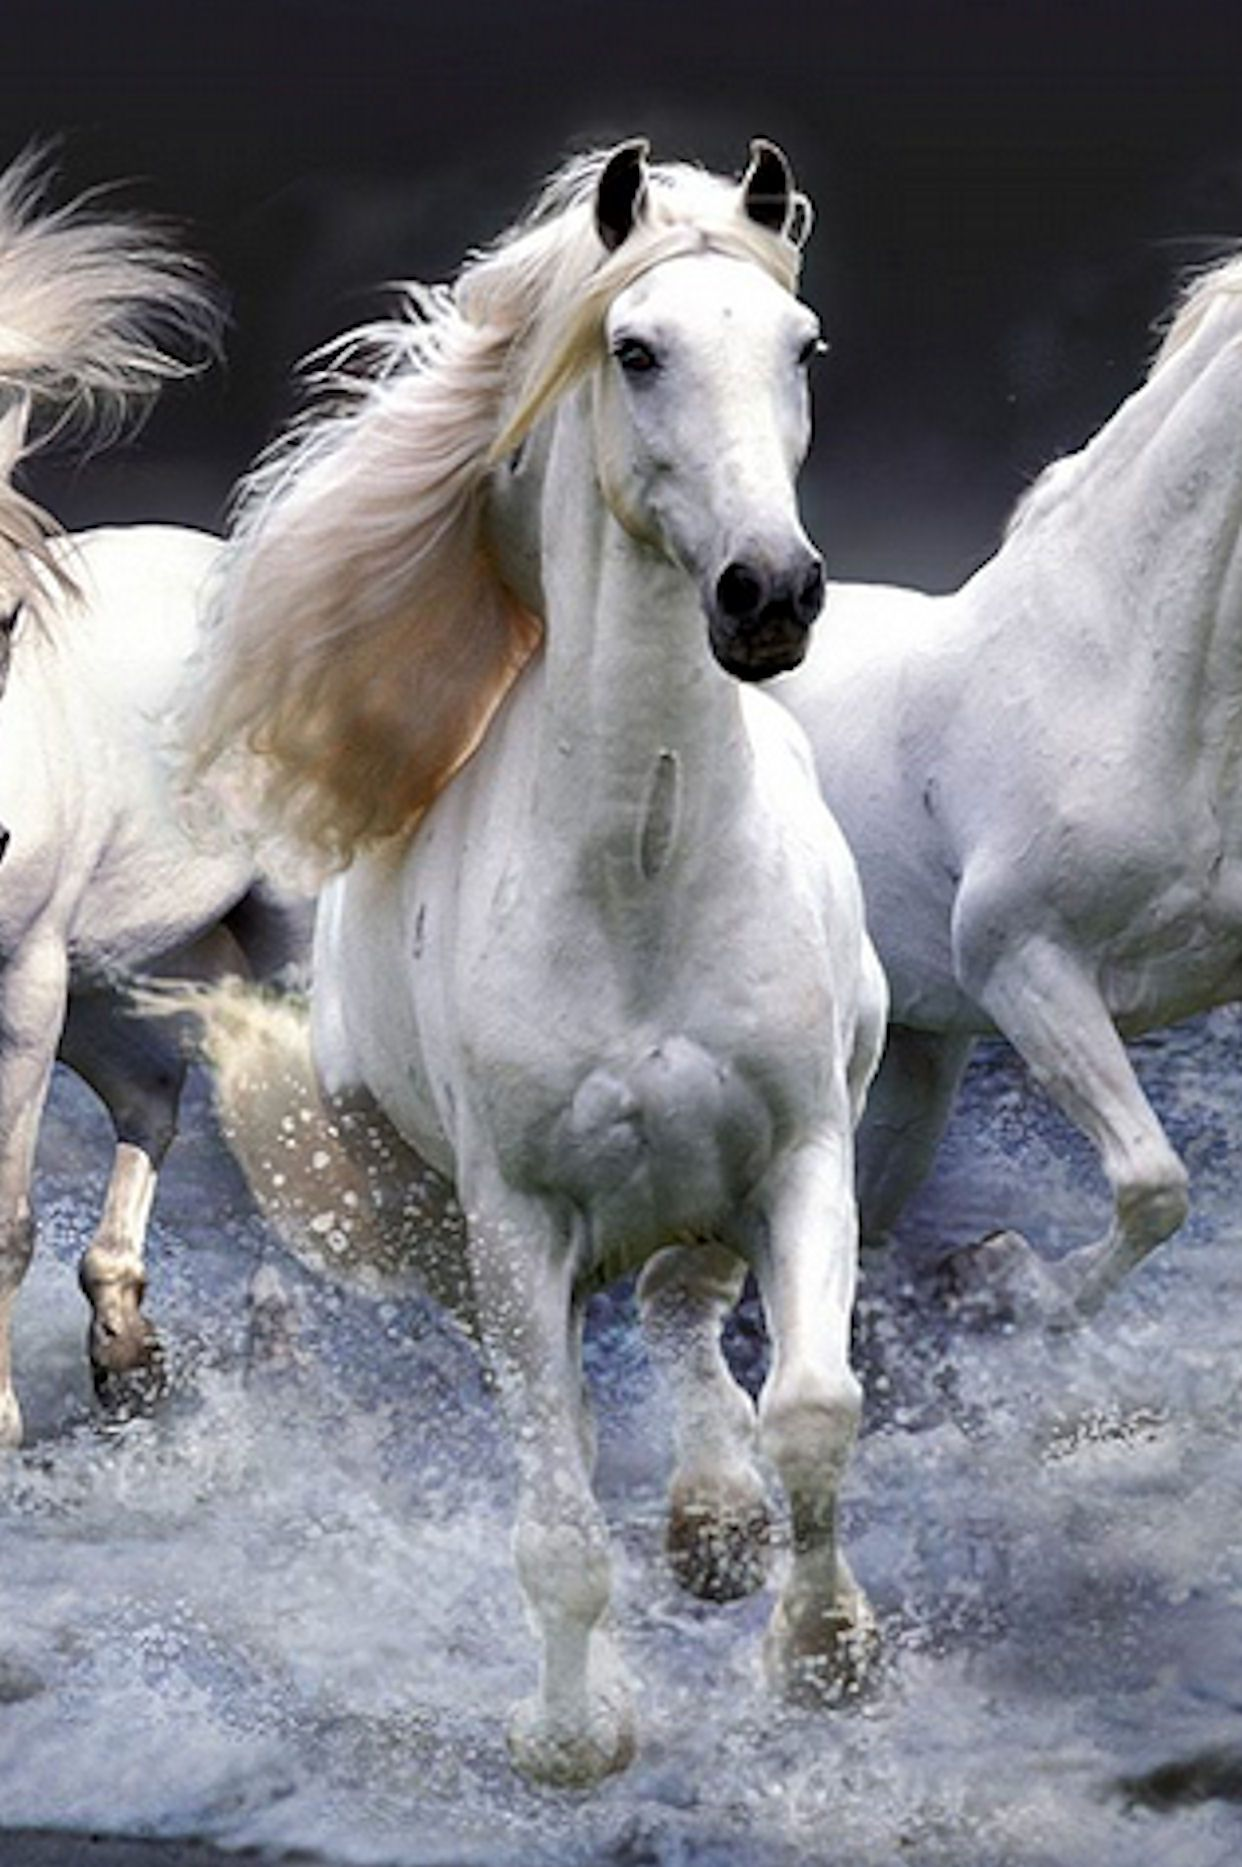 Photos Extra Whte Horse 3b416efc56fee5b317af61bc49f80644